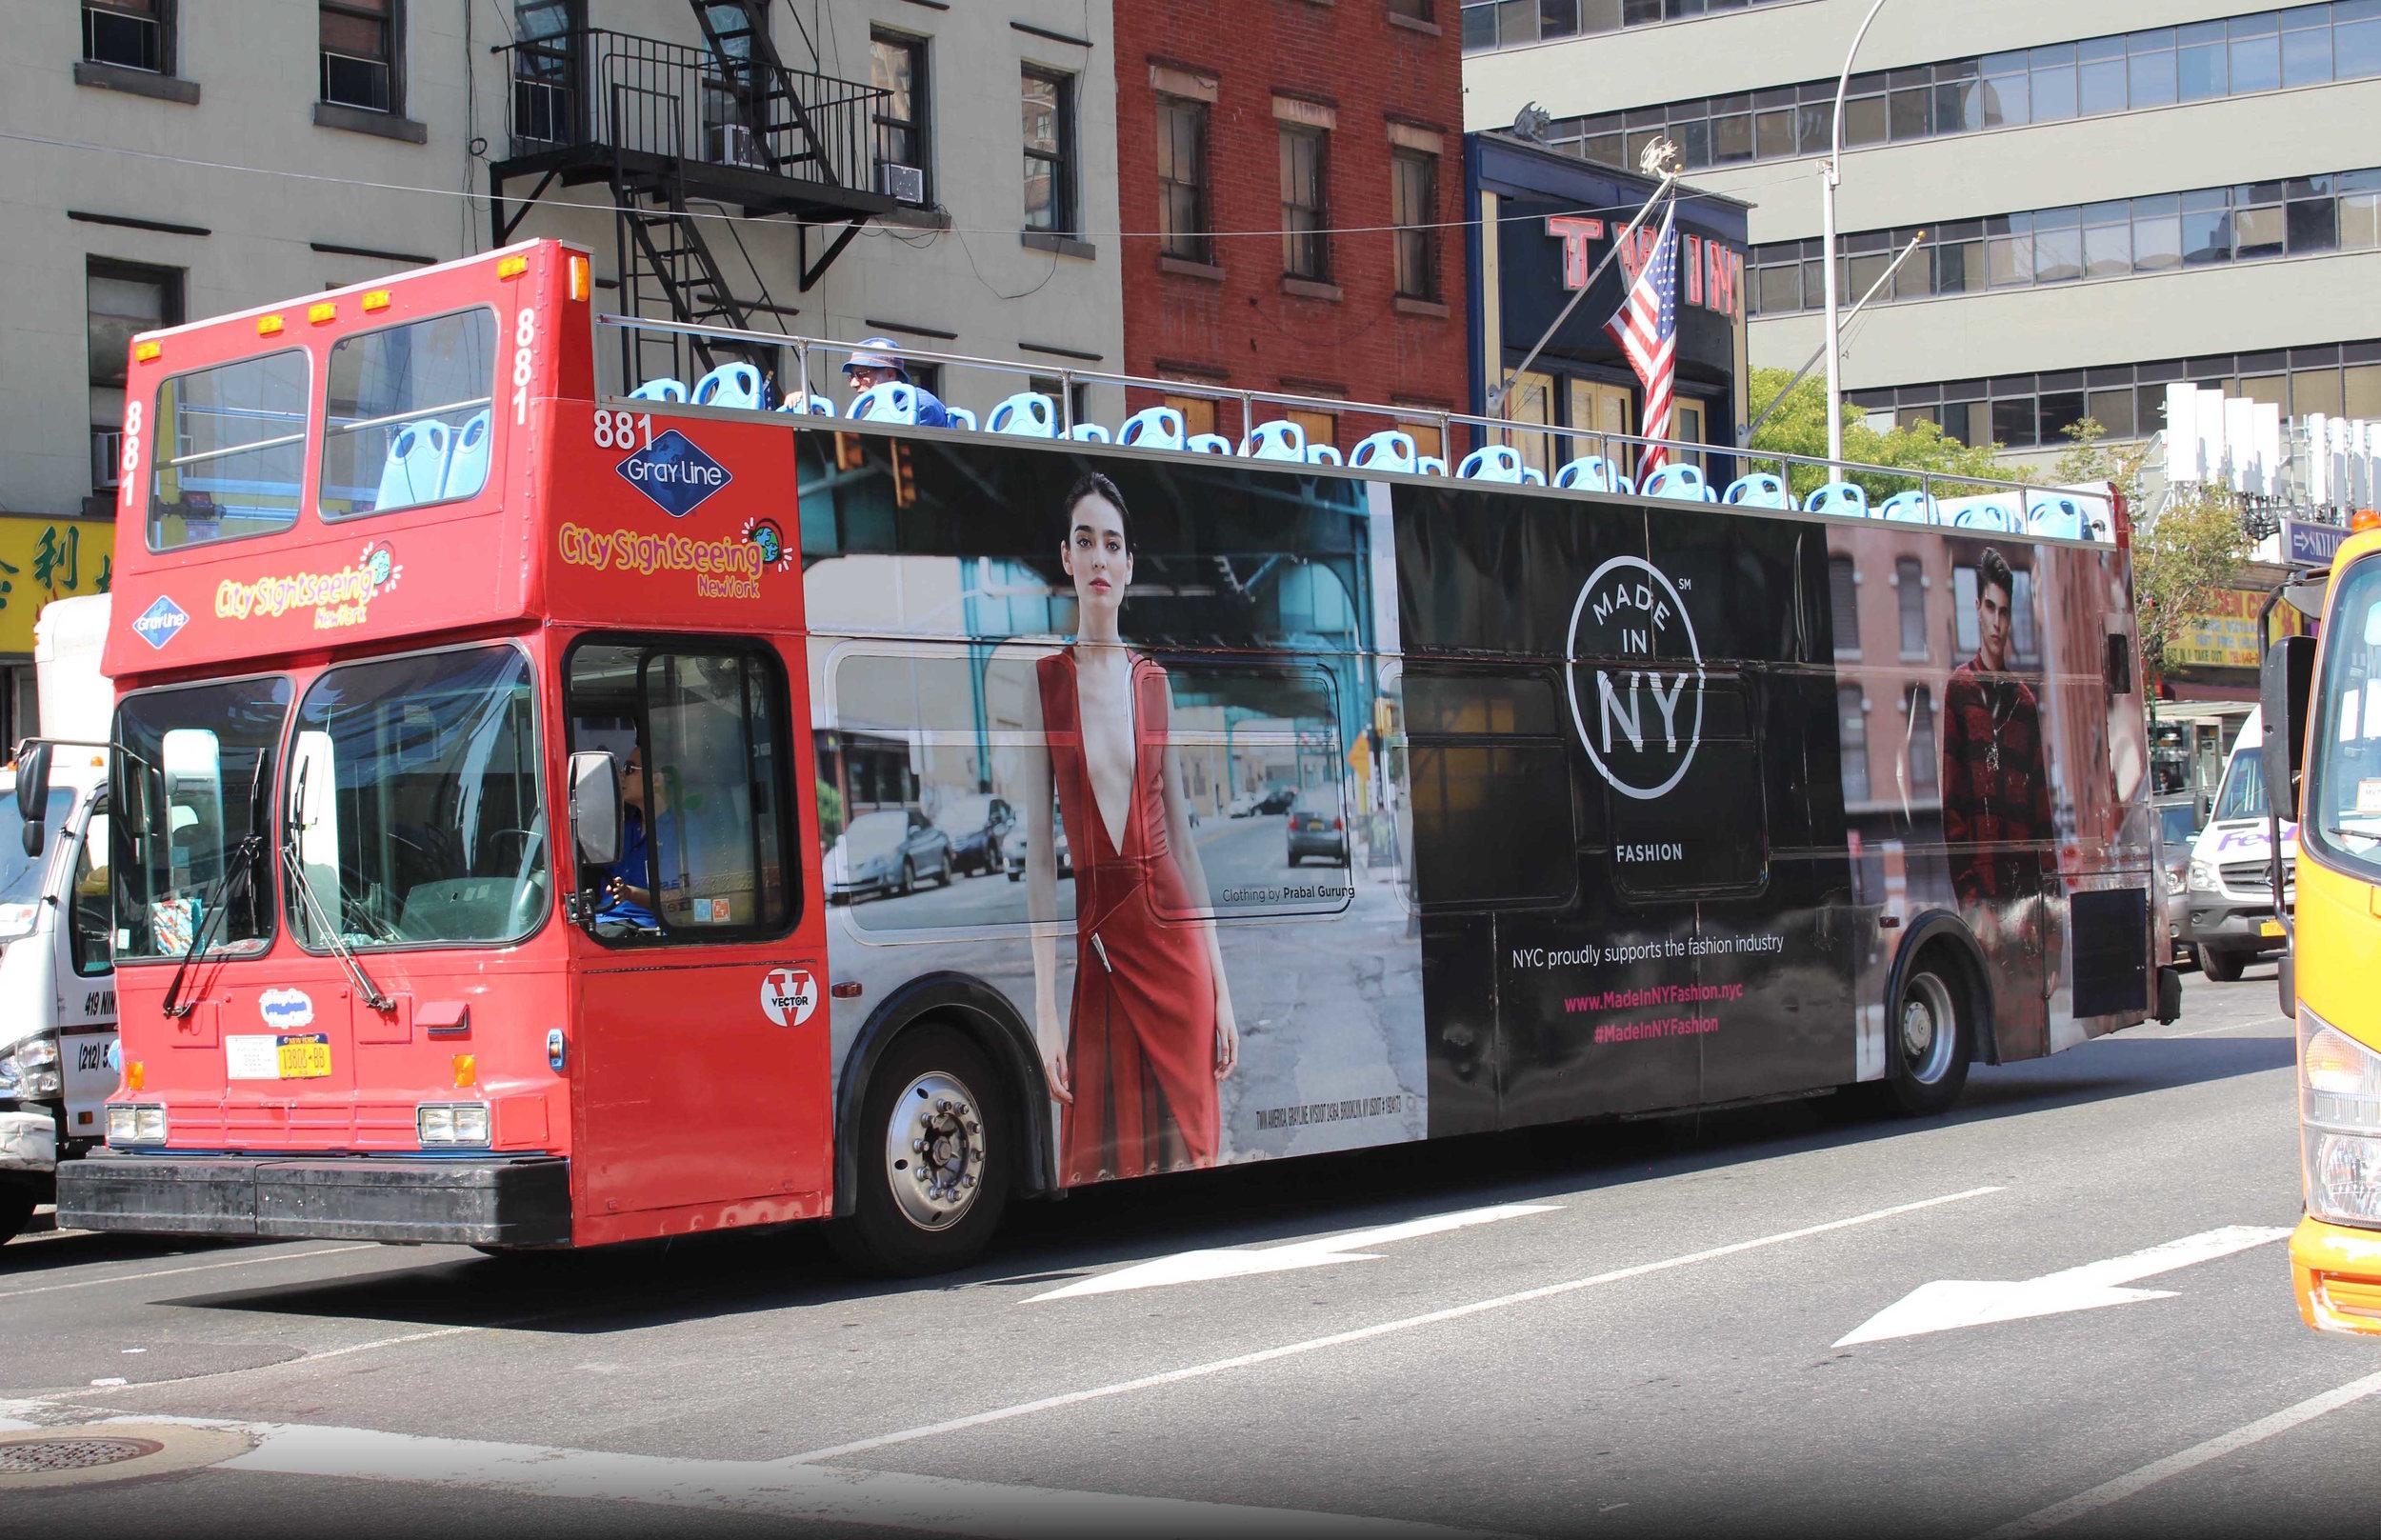 NYC,DD,FW,MadeinNY,fashionweek,2,9.15 copy.jpg